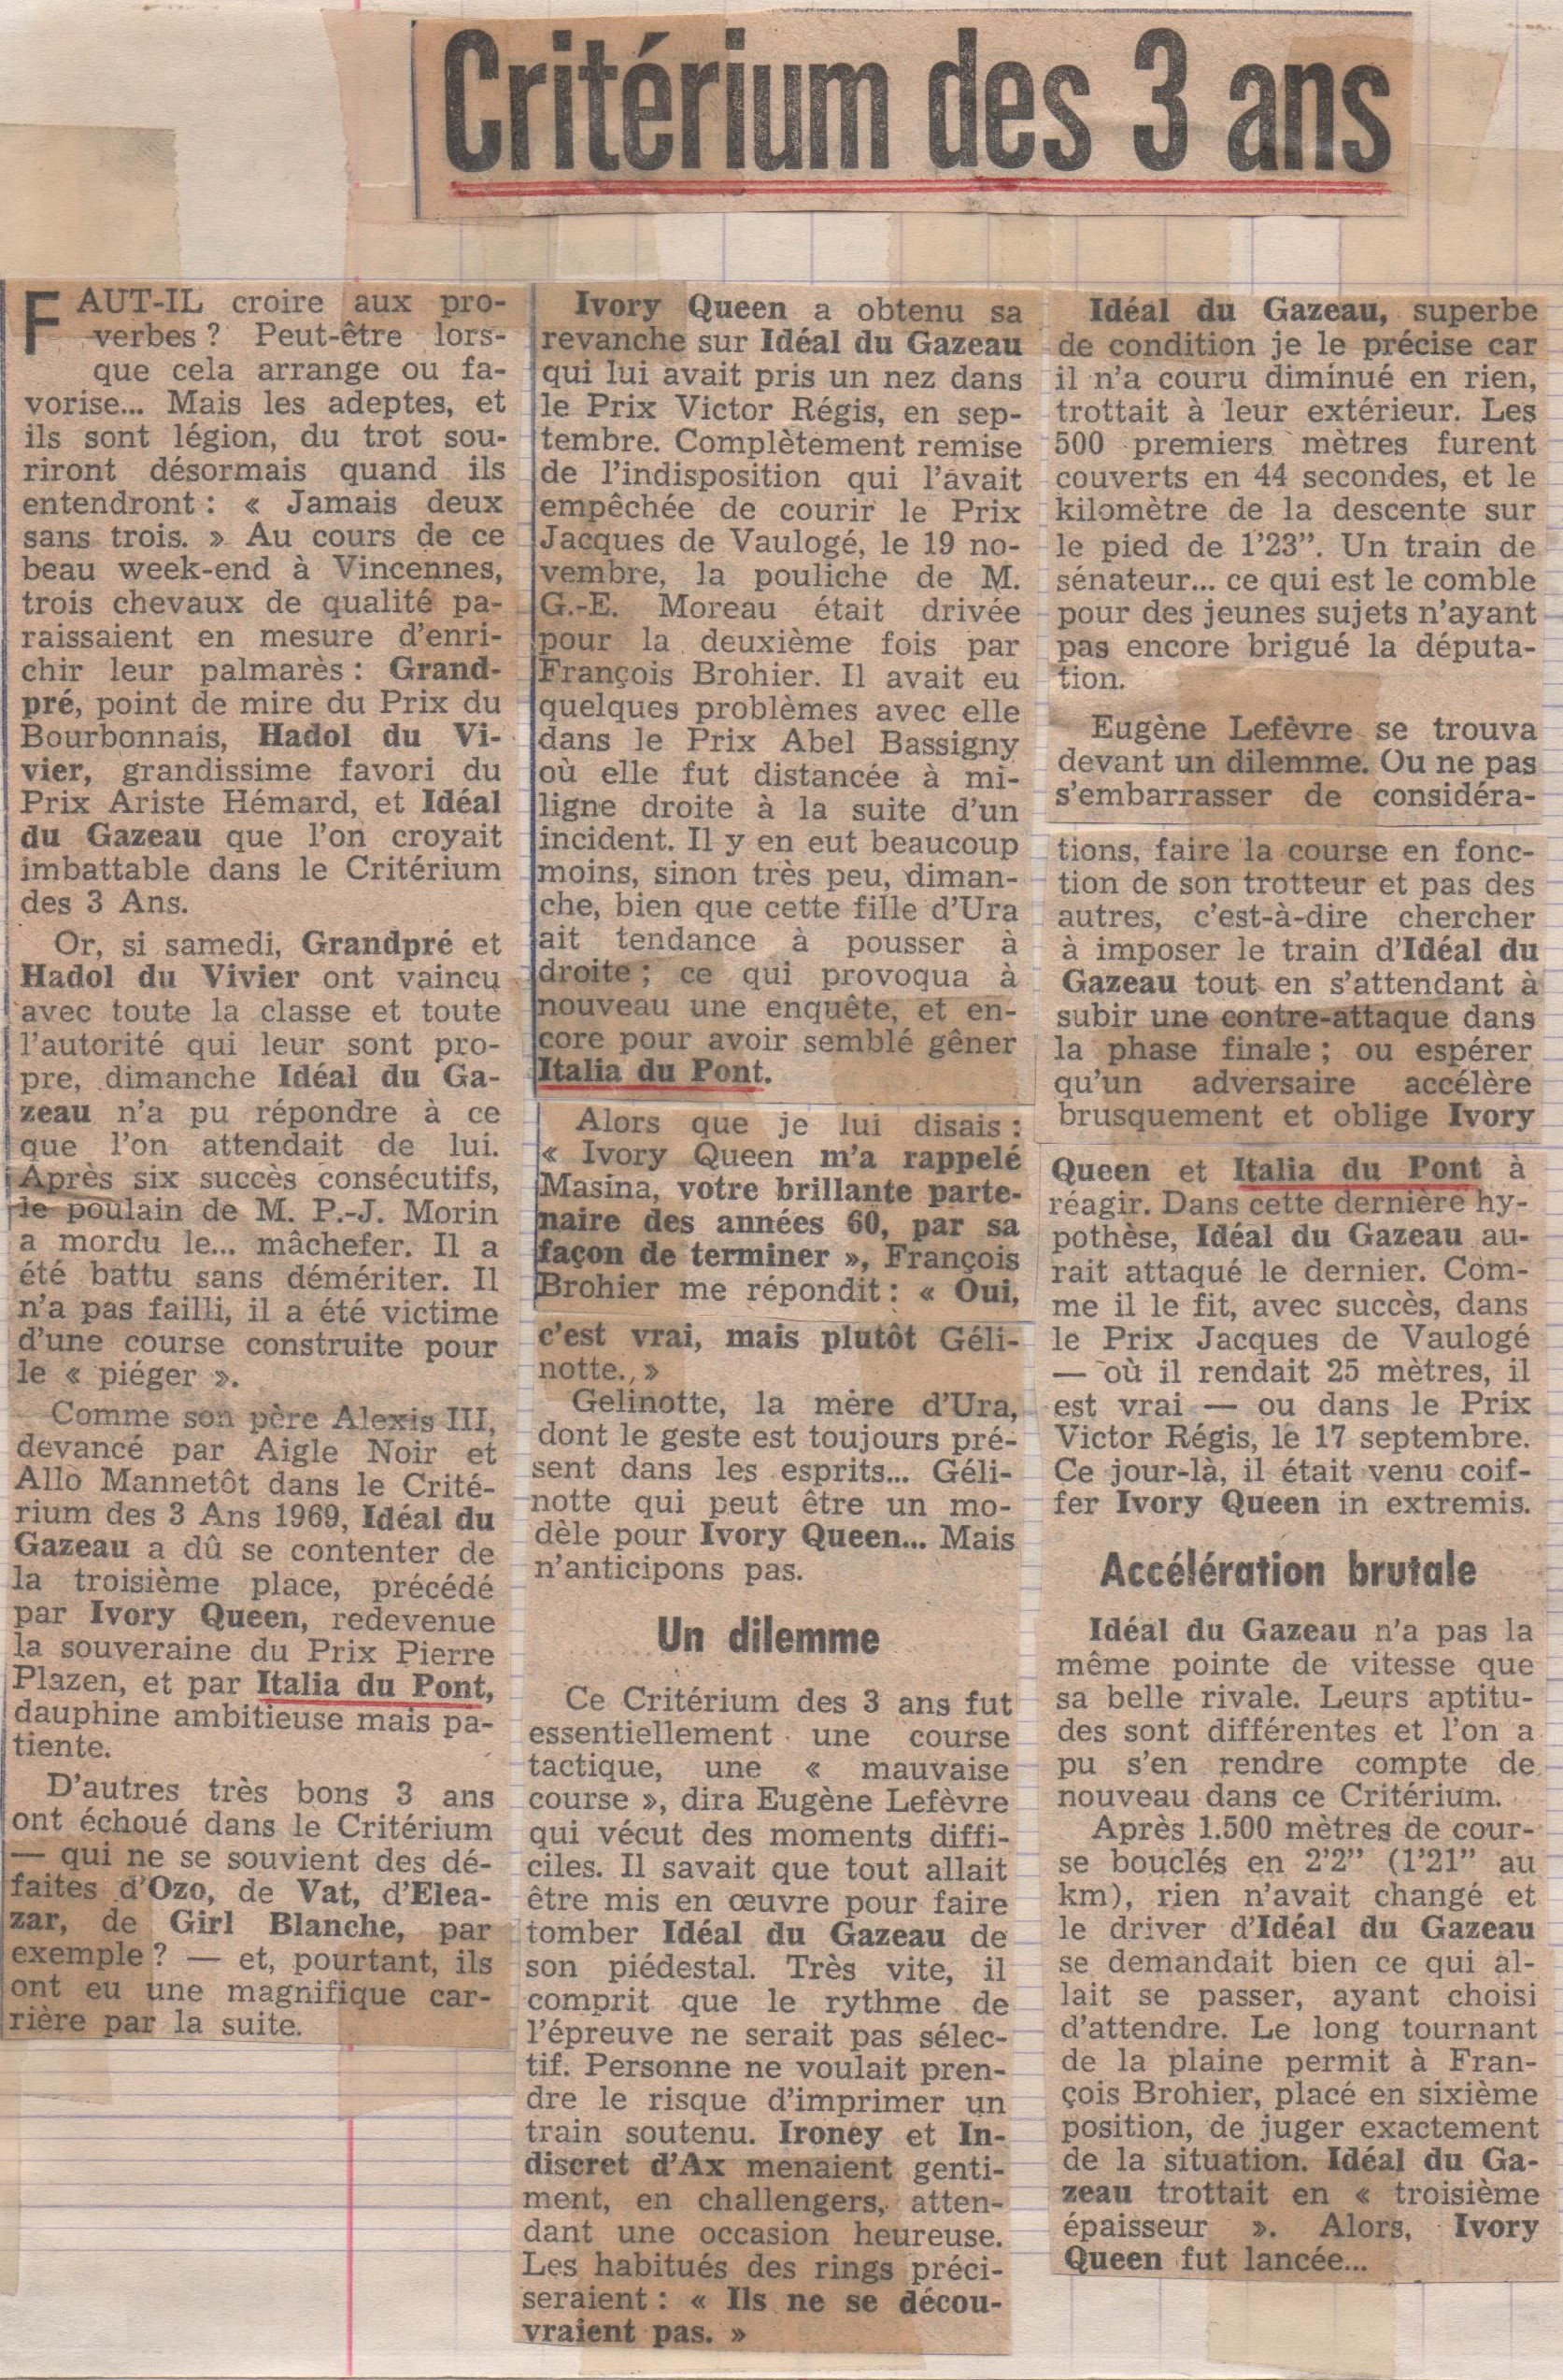 1977 Italia du Pont Criterium des 3 ans (1)